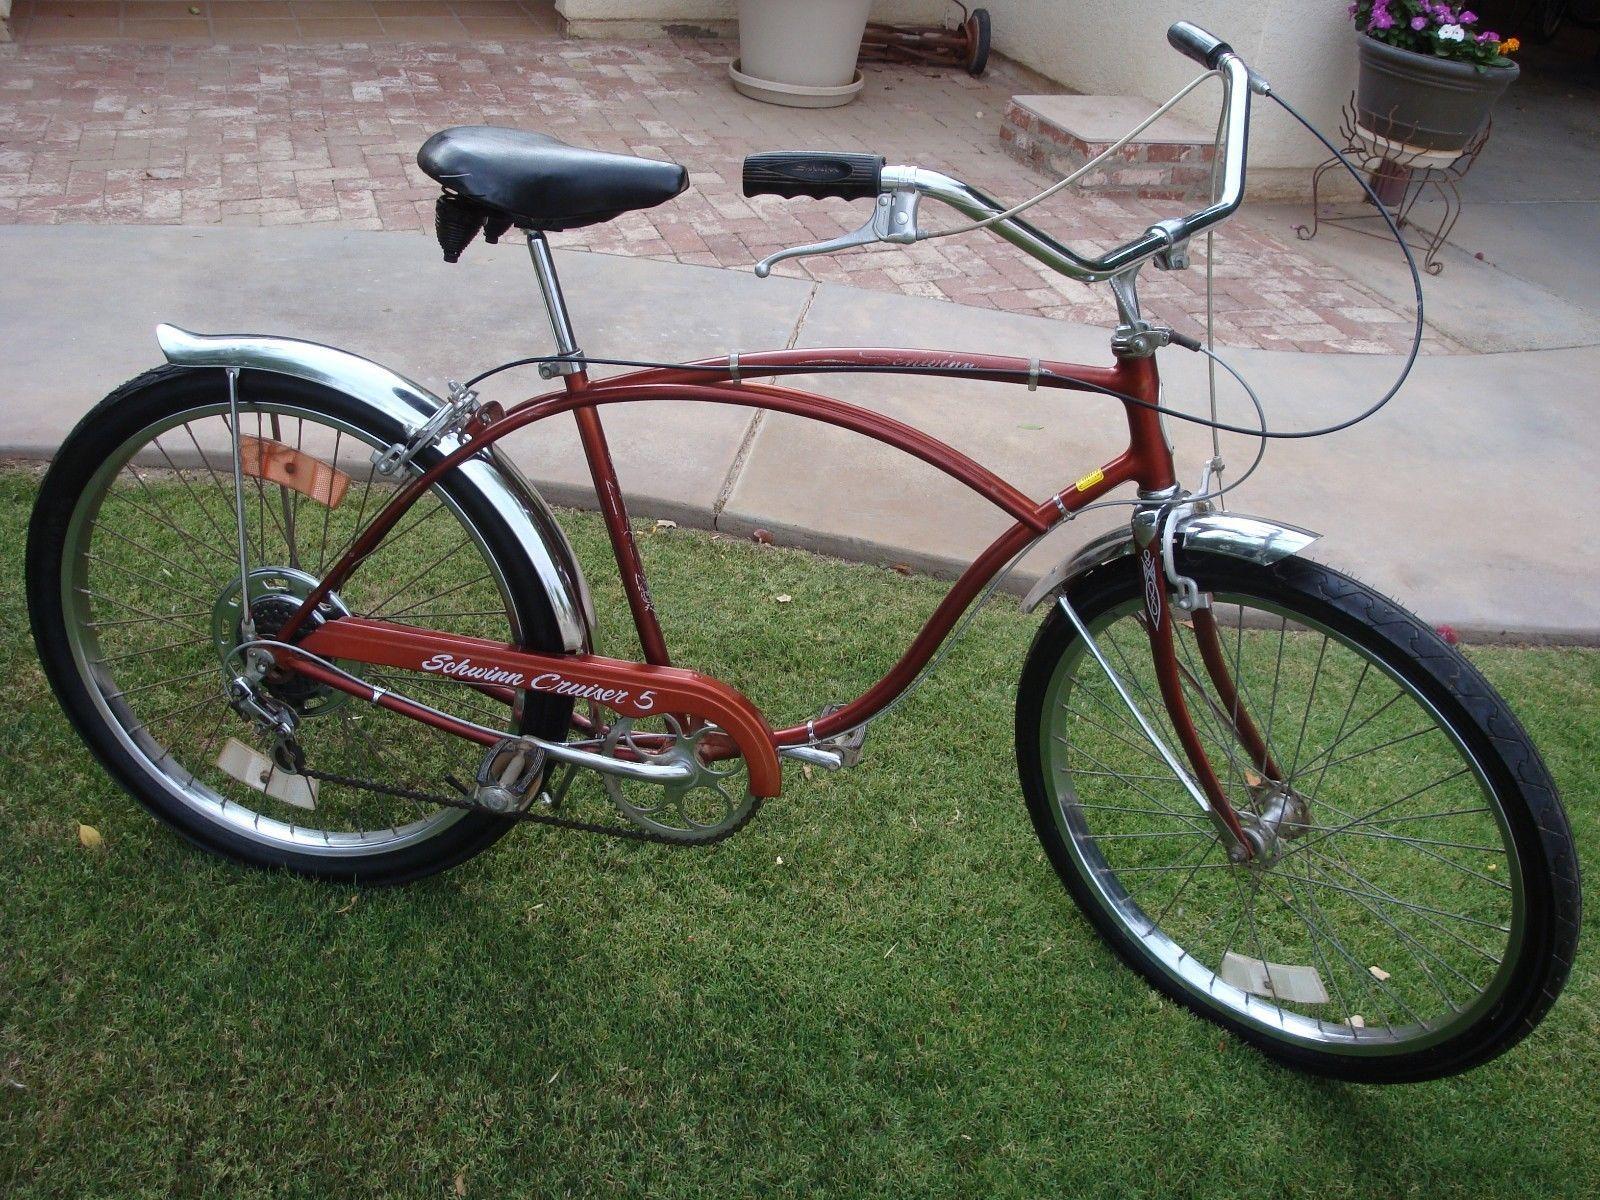 Schwinn Cruiser 5 Original Vintage Cruiser Bicycle | eBay